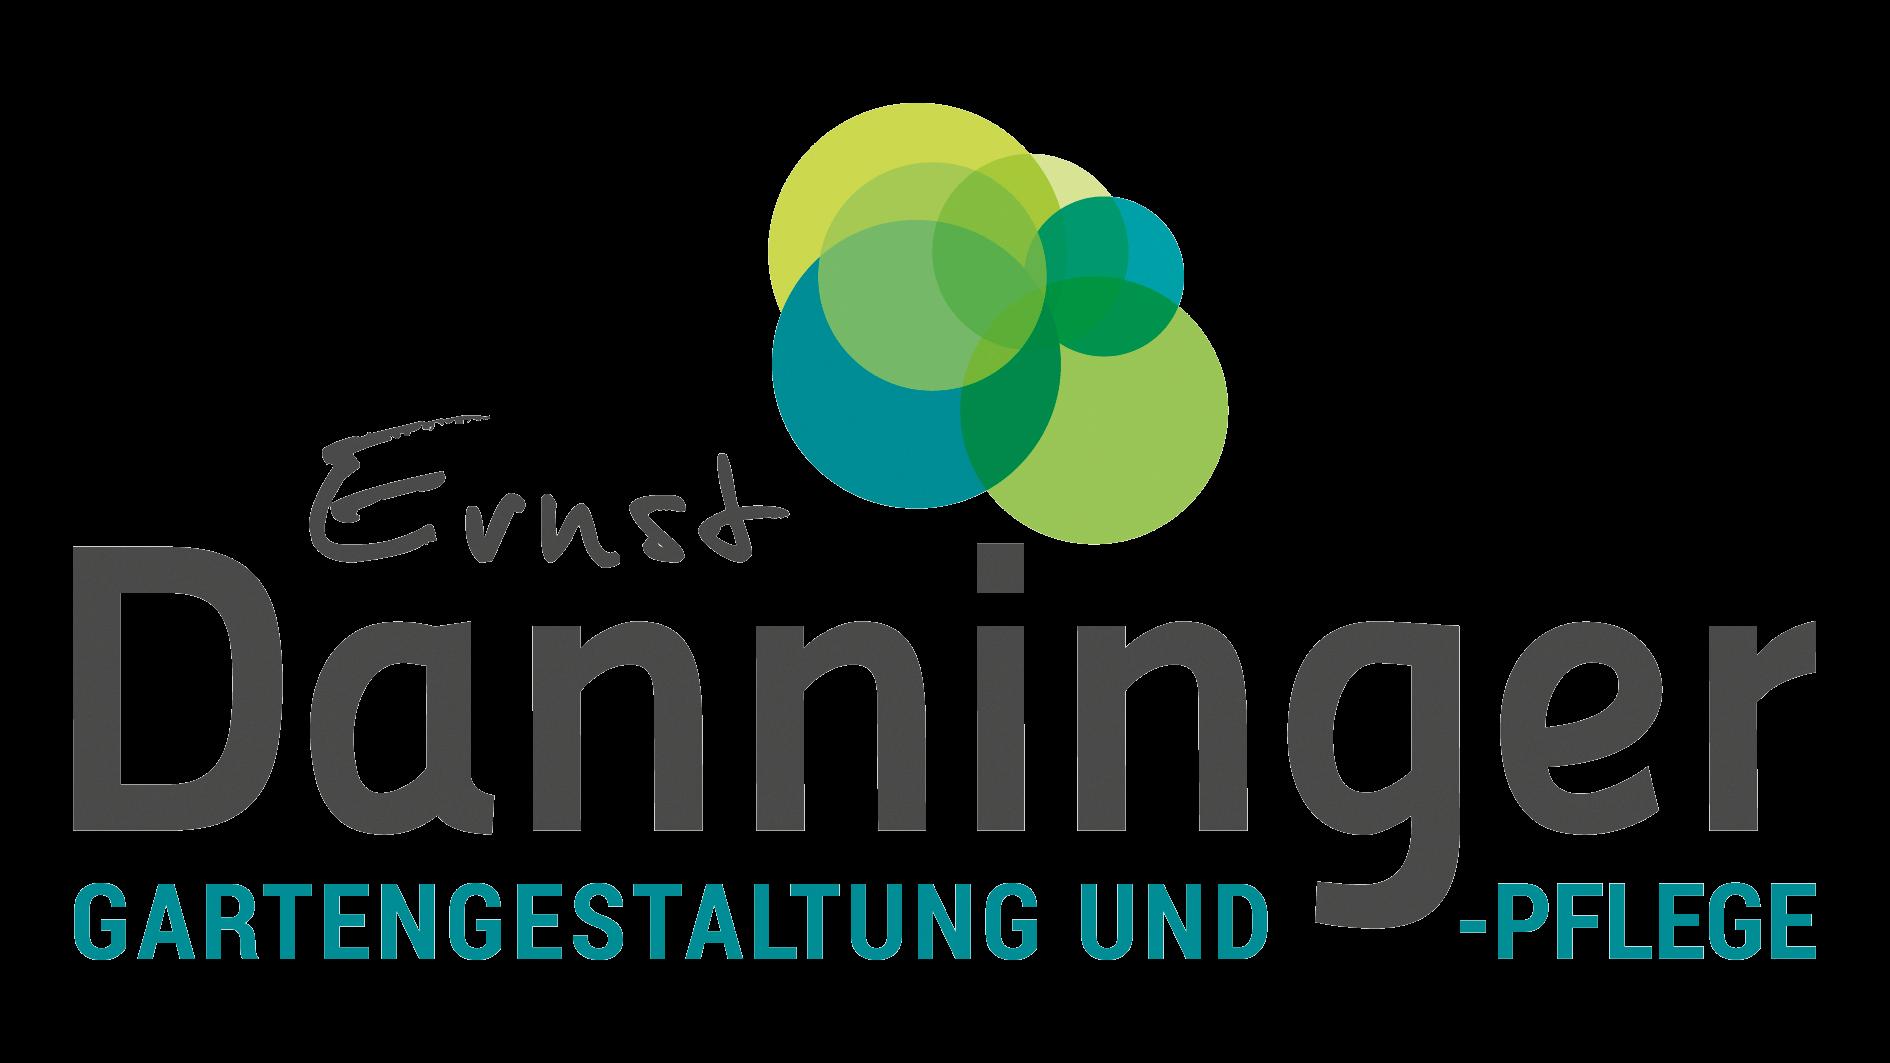 Danninger Gartengestaltung | Ihr Partner für Gartengestaltung, Gartenpflege, Beratung & Planung - Münzkirchen OÖ